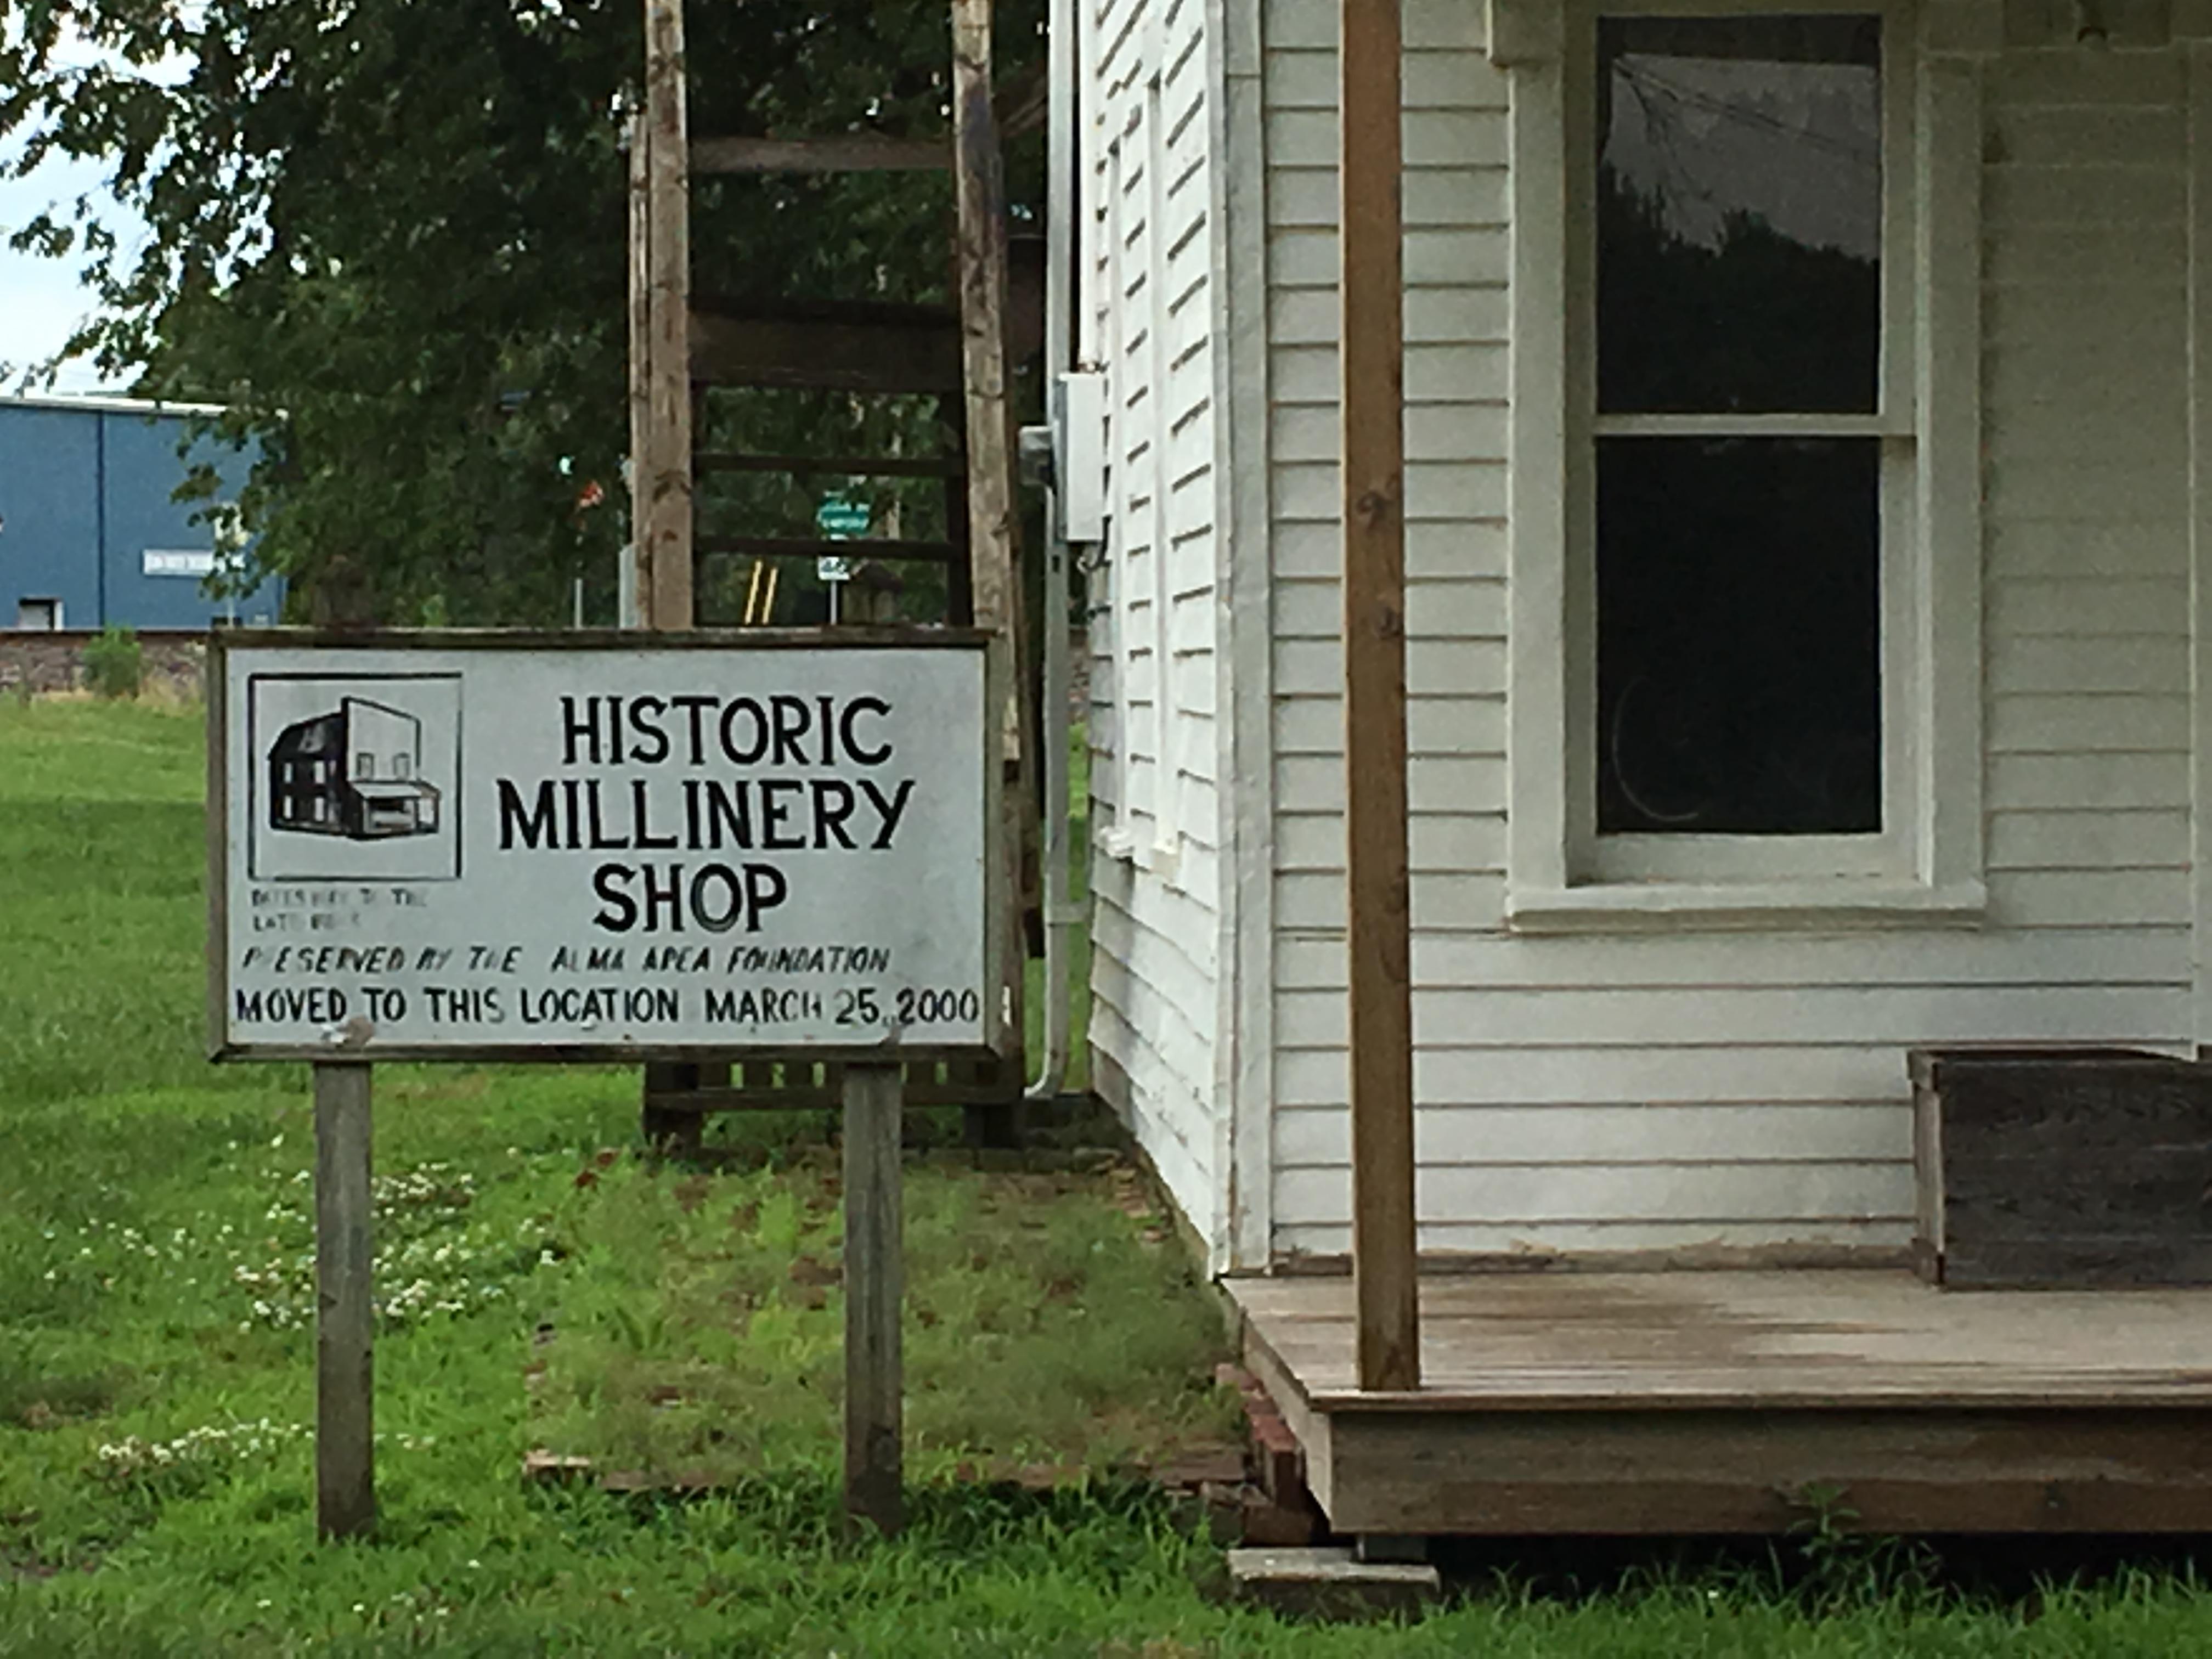 Millinery Shop details